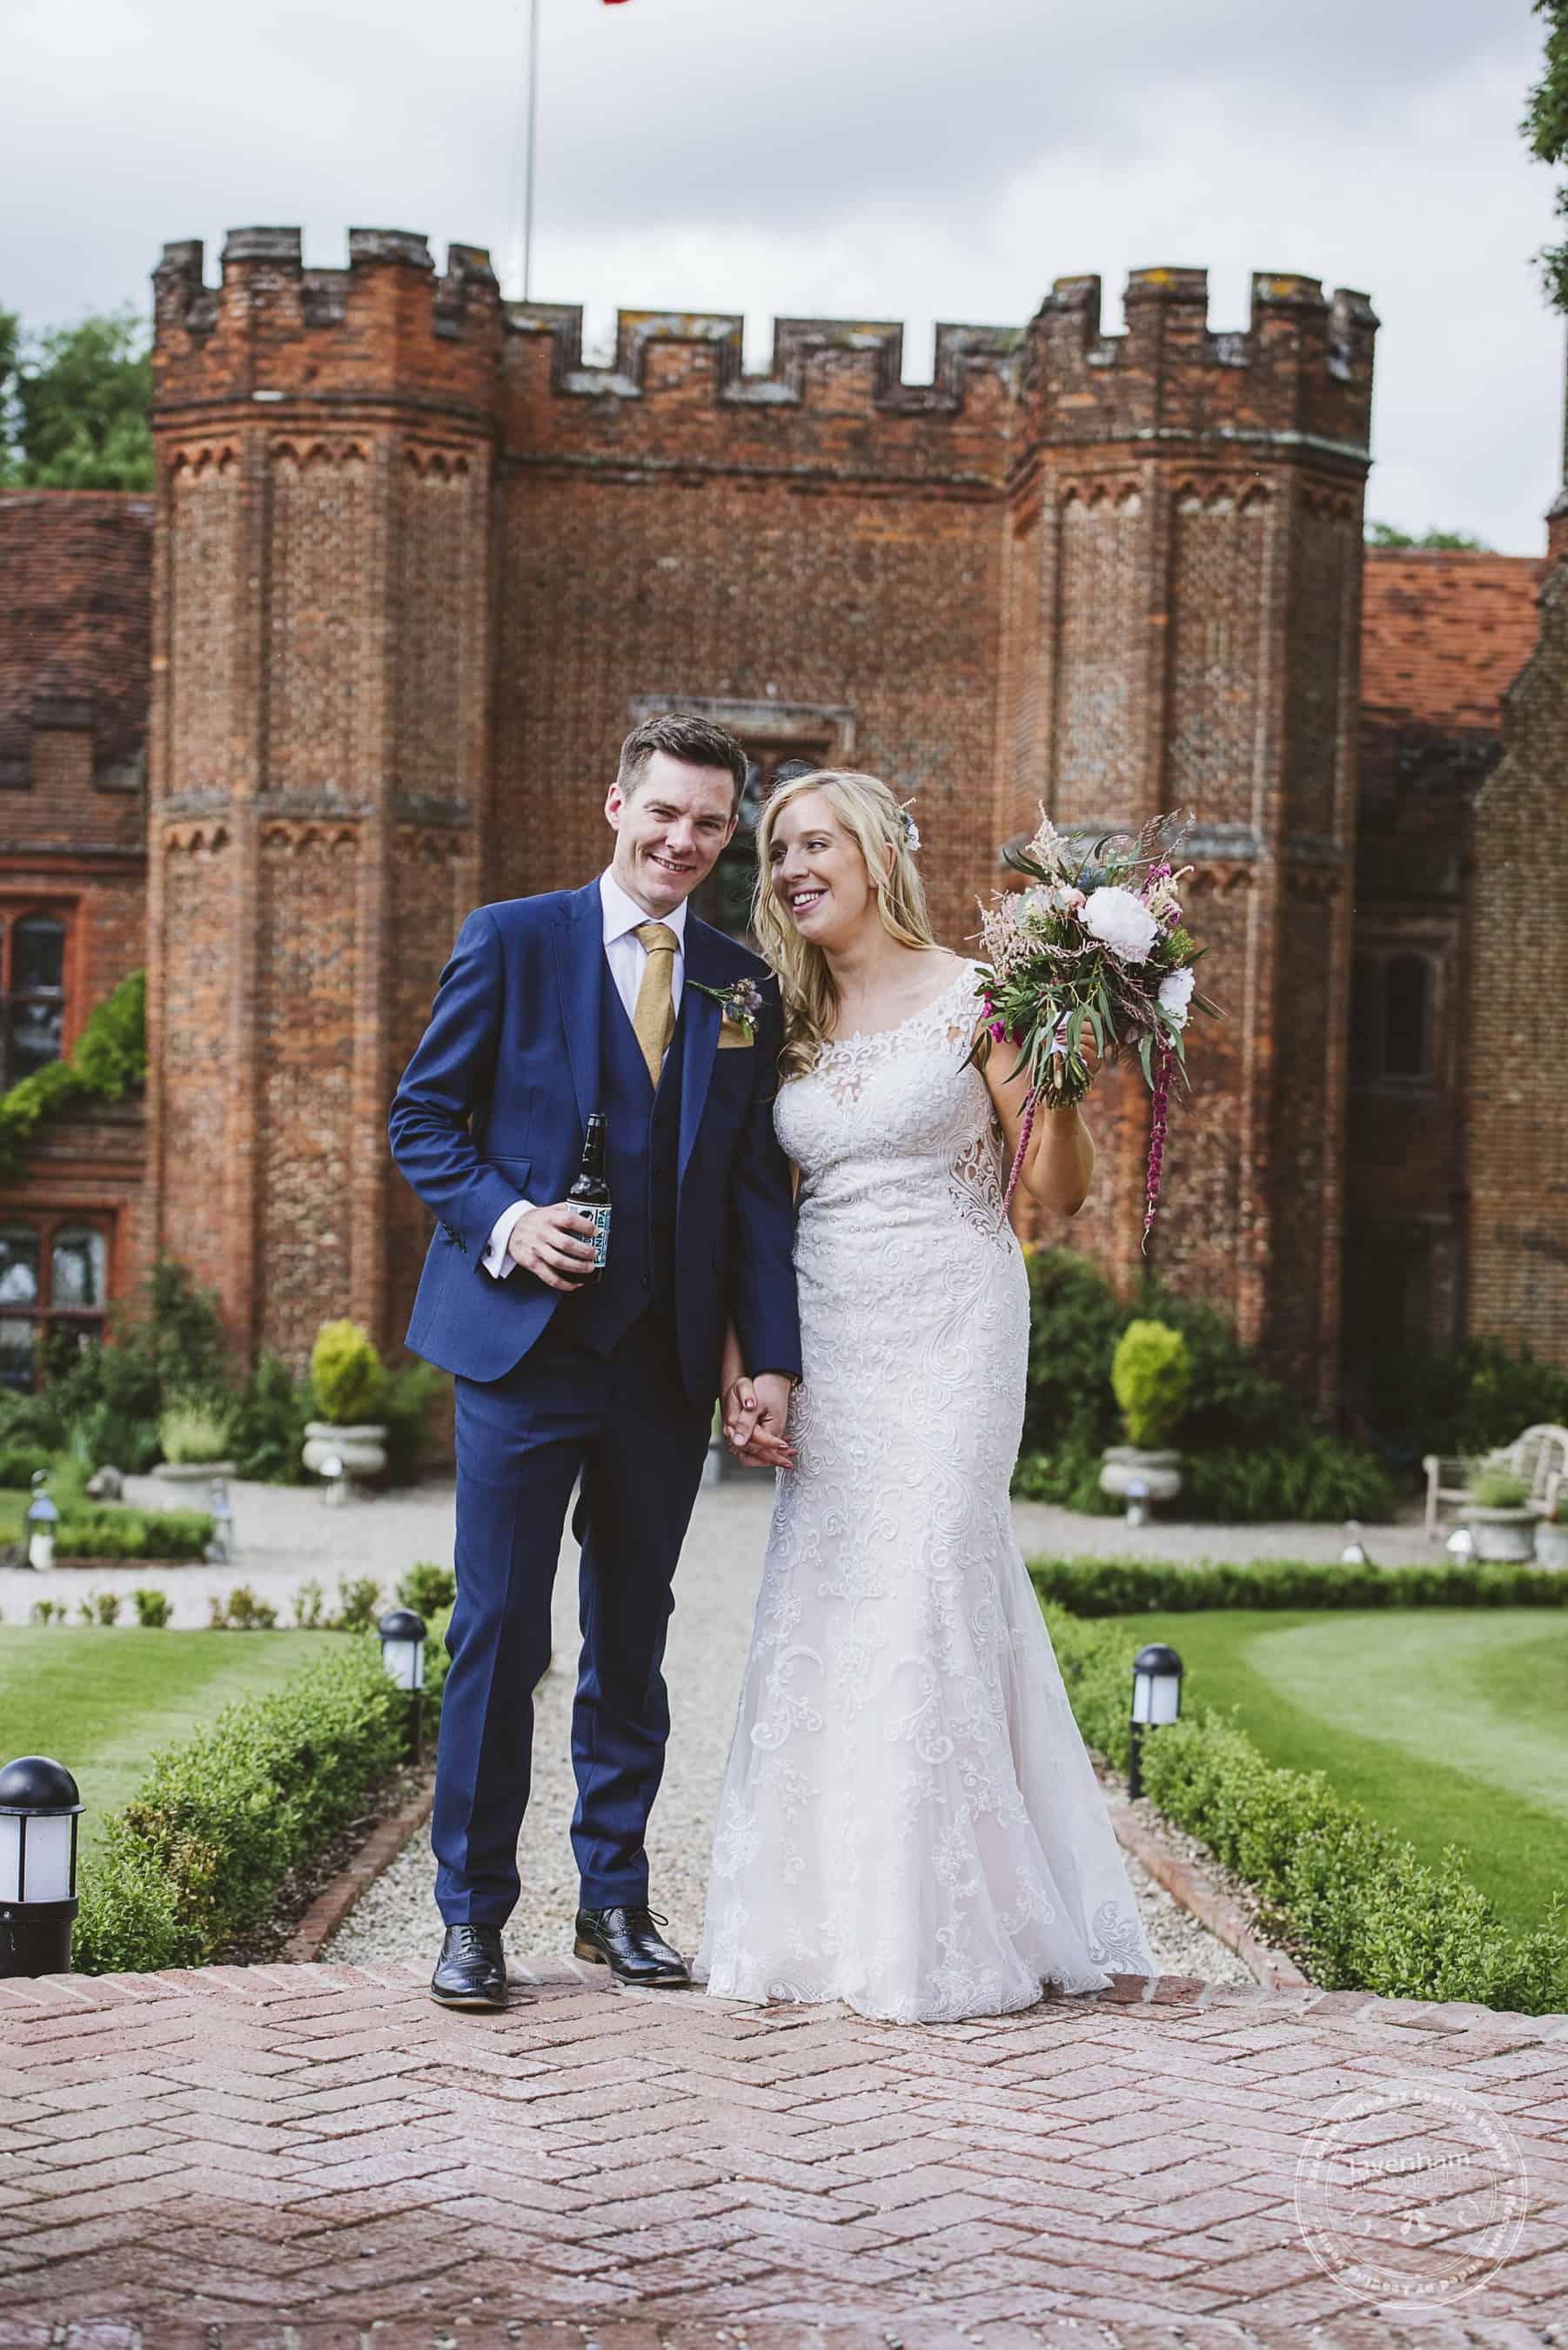 020618 Leez Priory Wedding Photography Lavenham Photographic 134